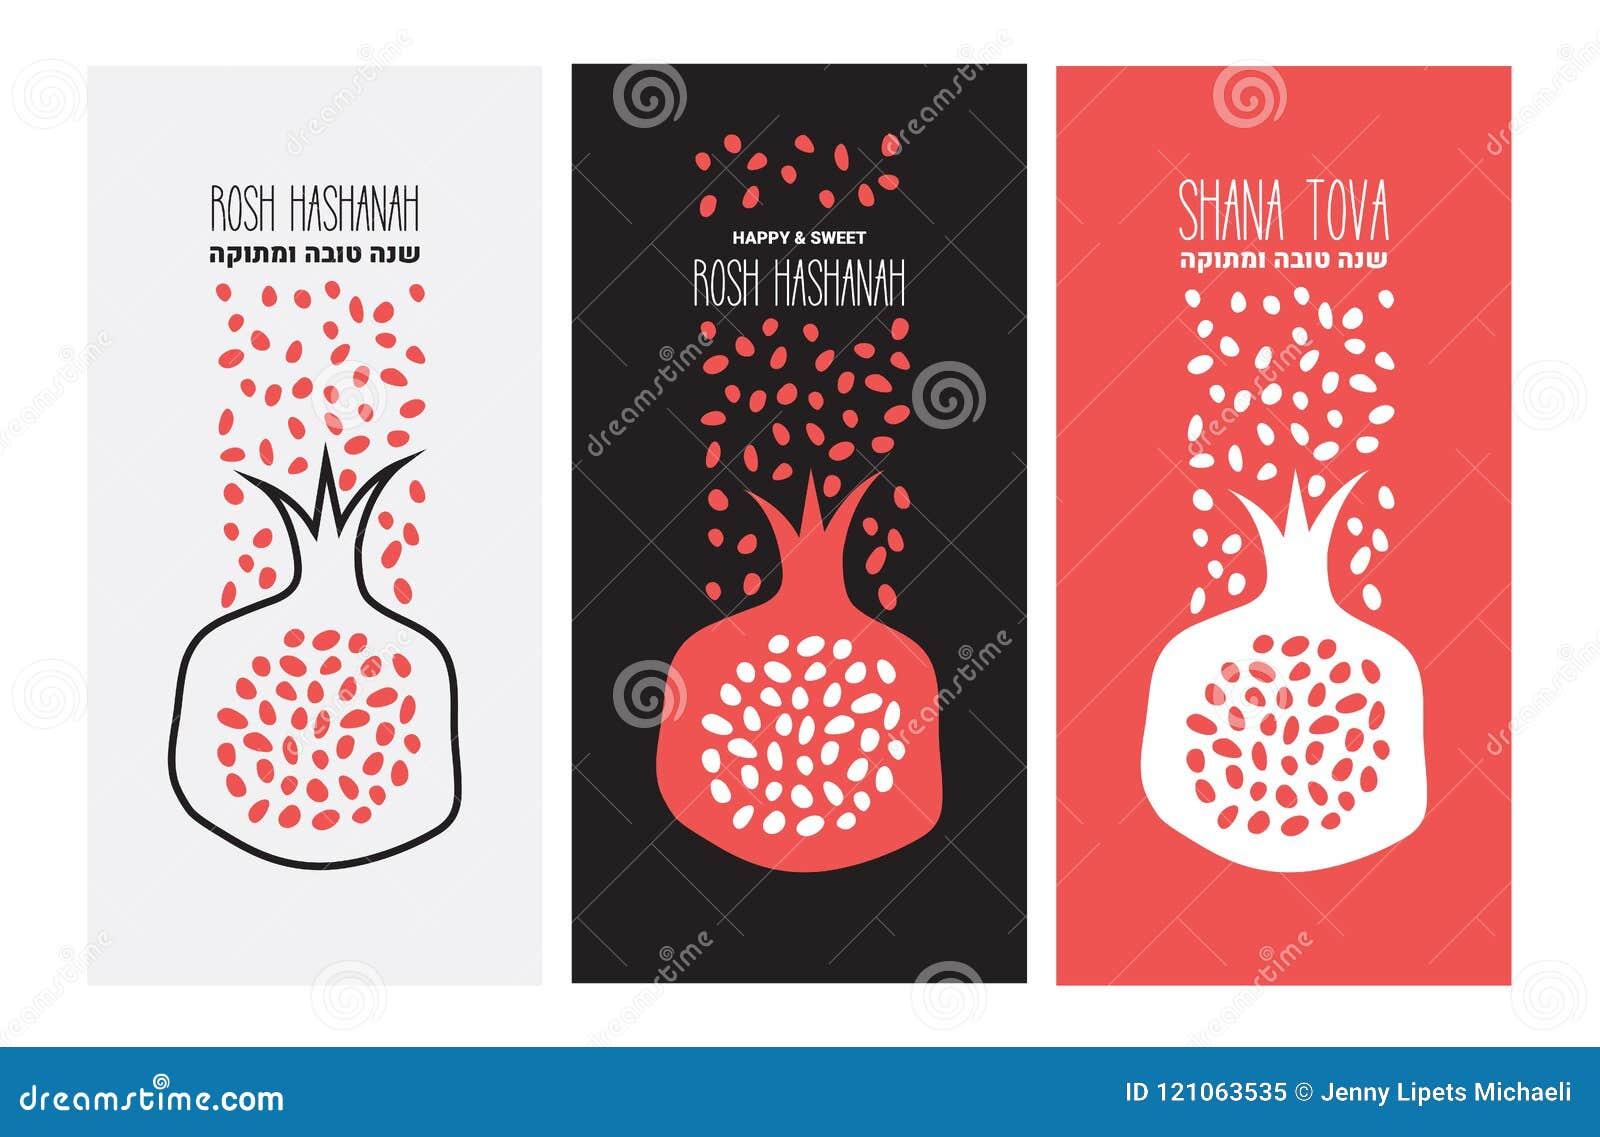 Shana Tova Card Set Rosh Hashanah Greeting Card With Hliday Symbol